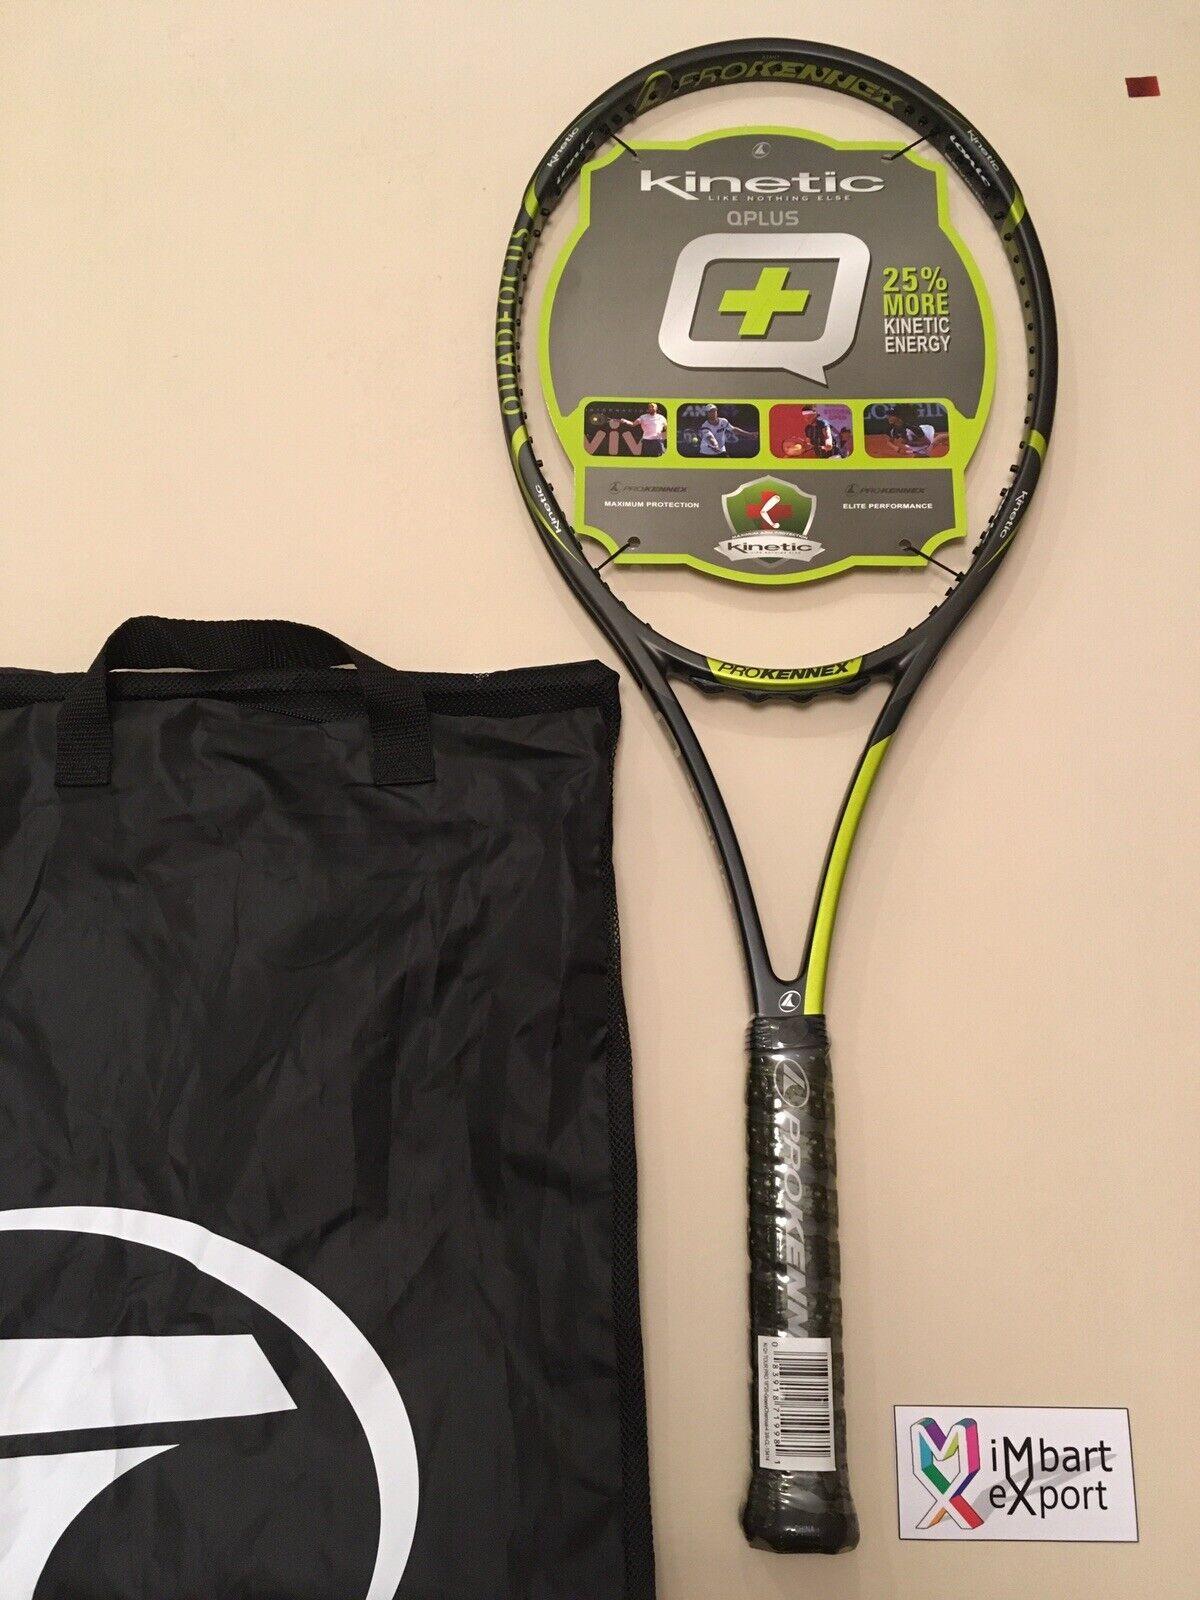 PRO KENNEX Q+TOUR PRO 325 QUADFOCUS  KINETIC 98 L2 Telaio Racchetta Tennis Racket  mejor calidad